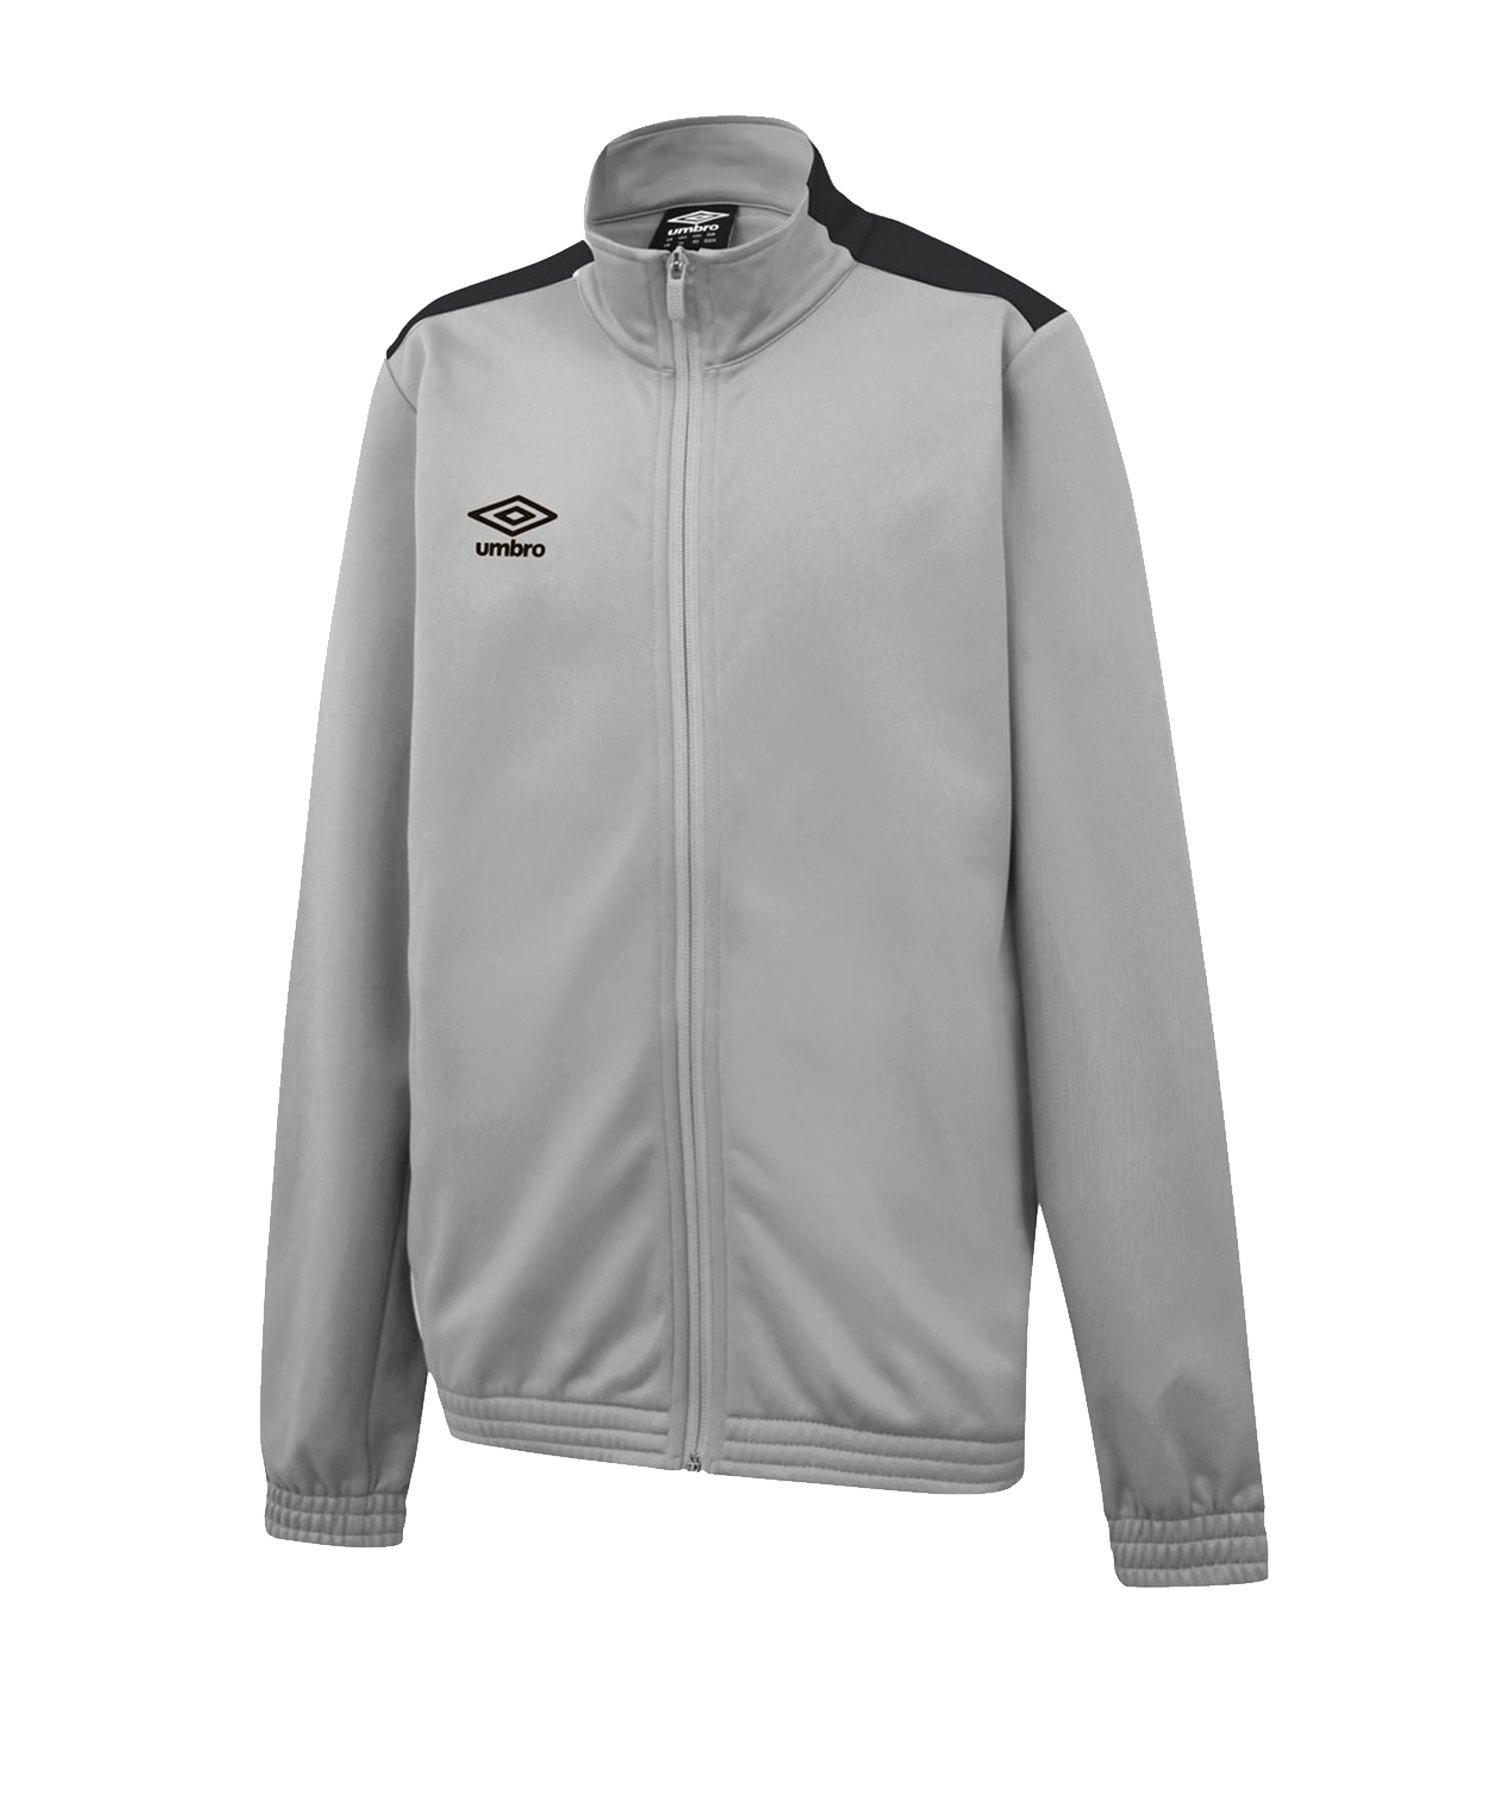 Umbro Knitted Jacke Grau FDM0 - Grau